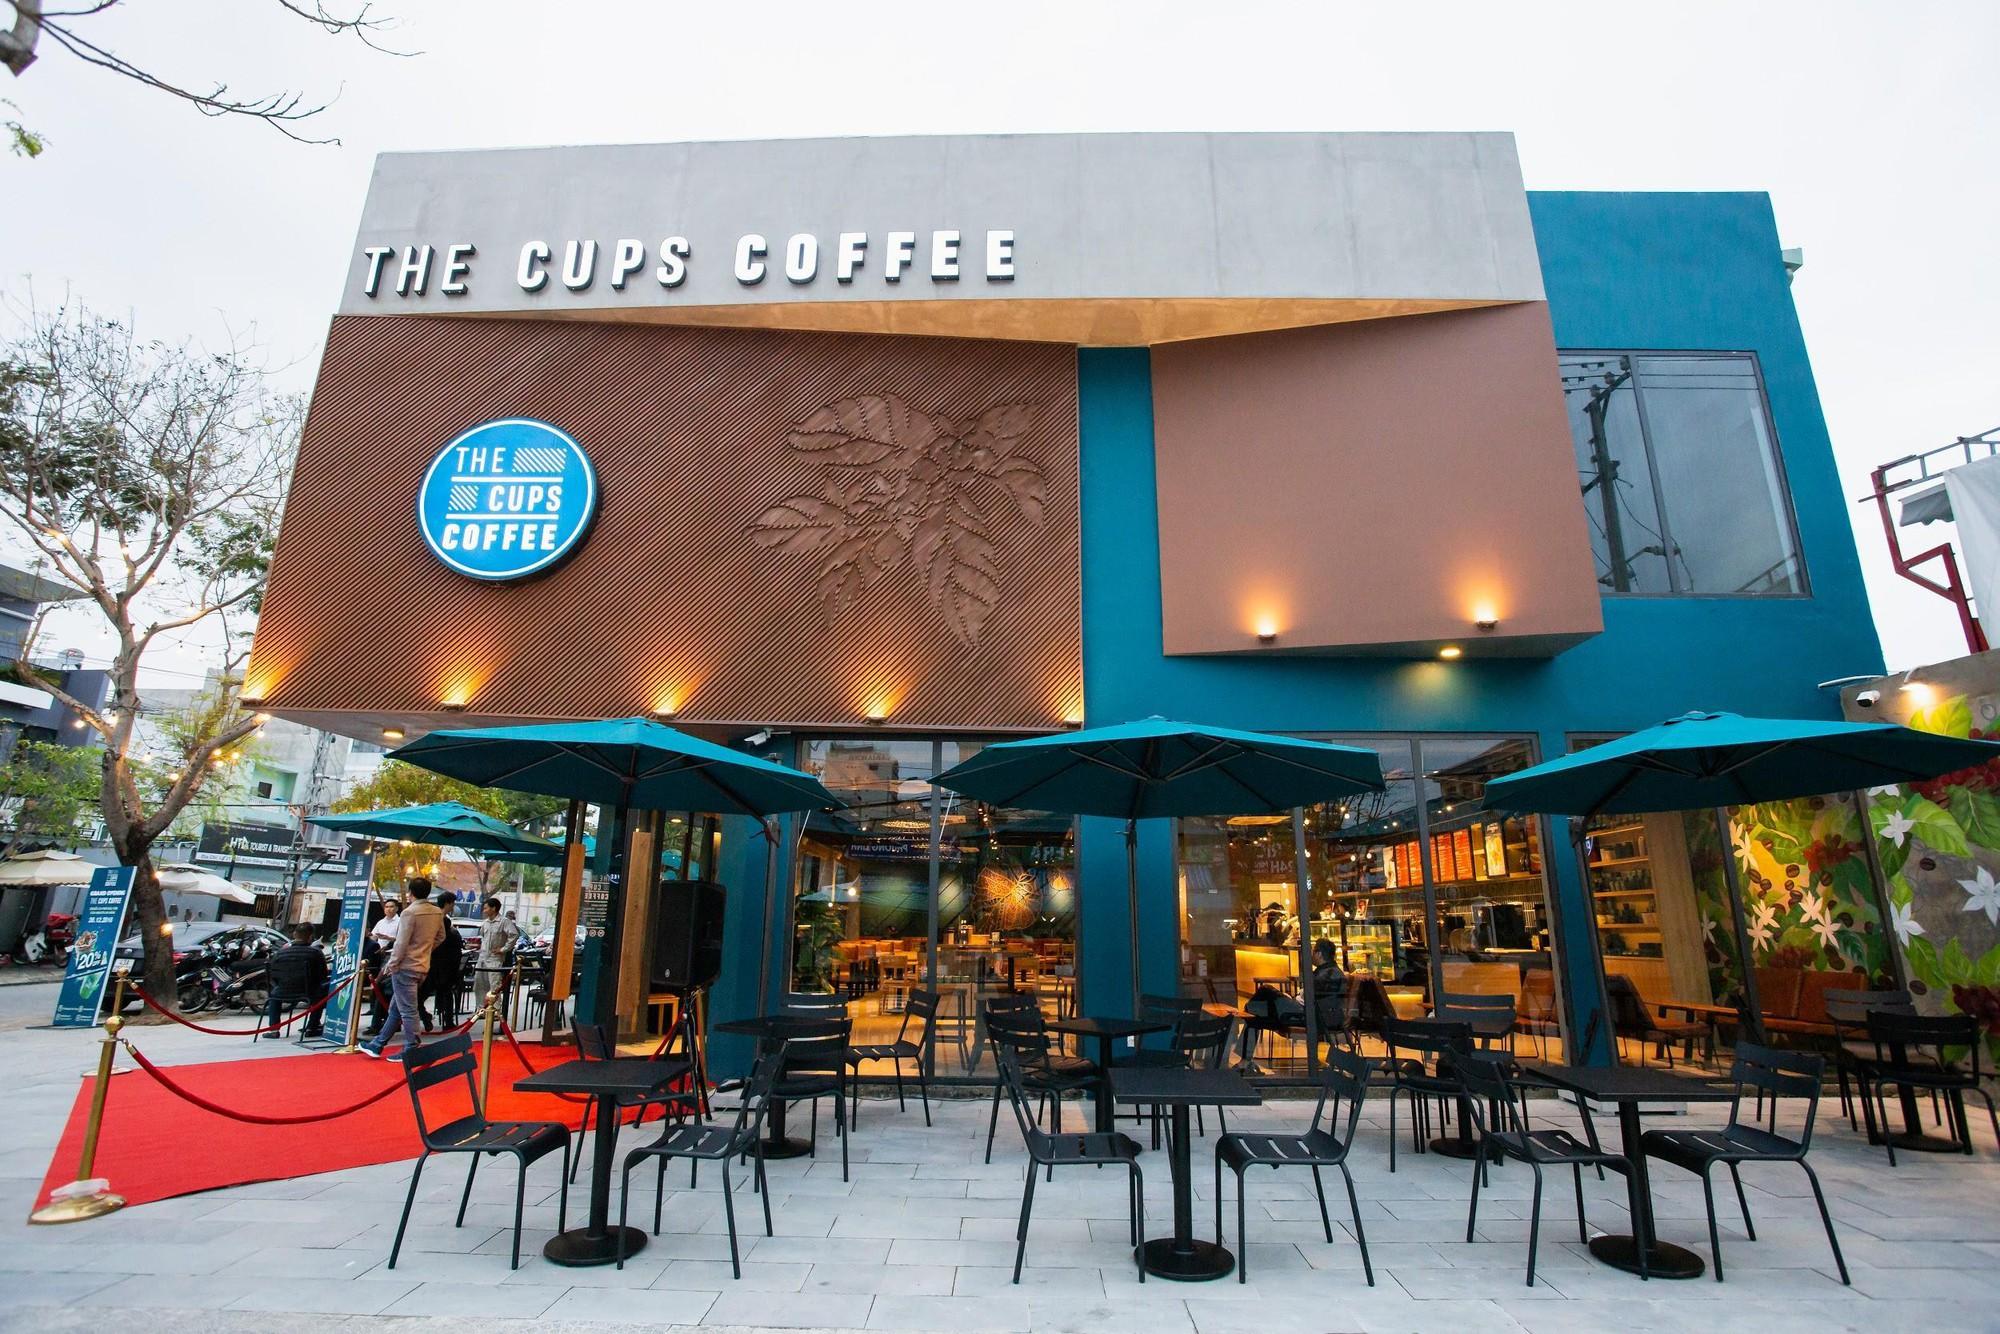 """Khám phá không gian chuỗi cửa hàng """"vạn người mê"""" của The Cups Coffe - Ảnh 3."""